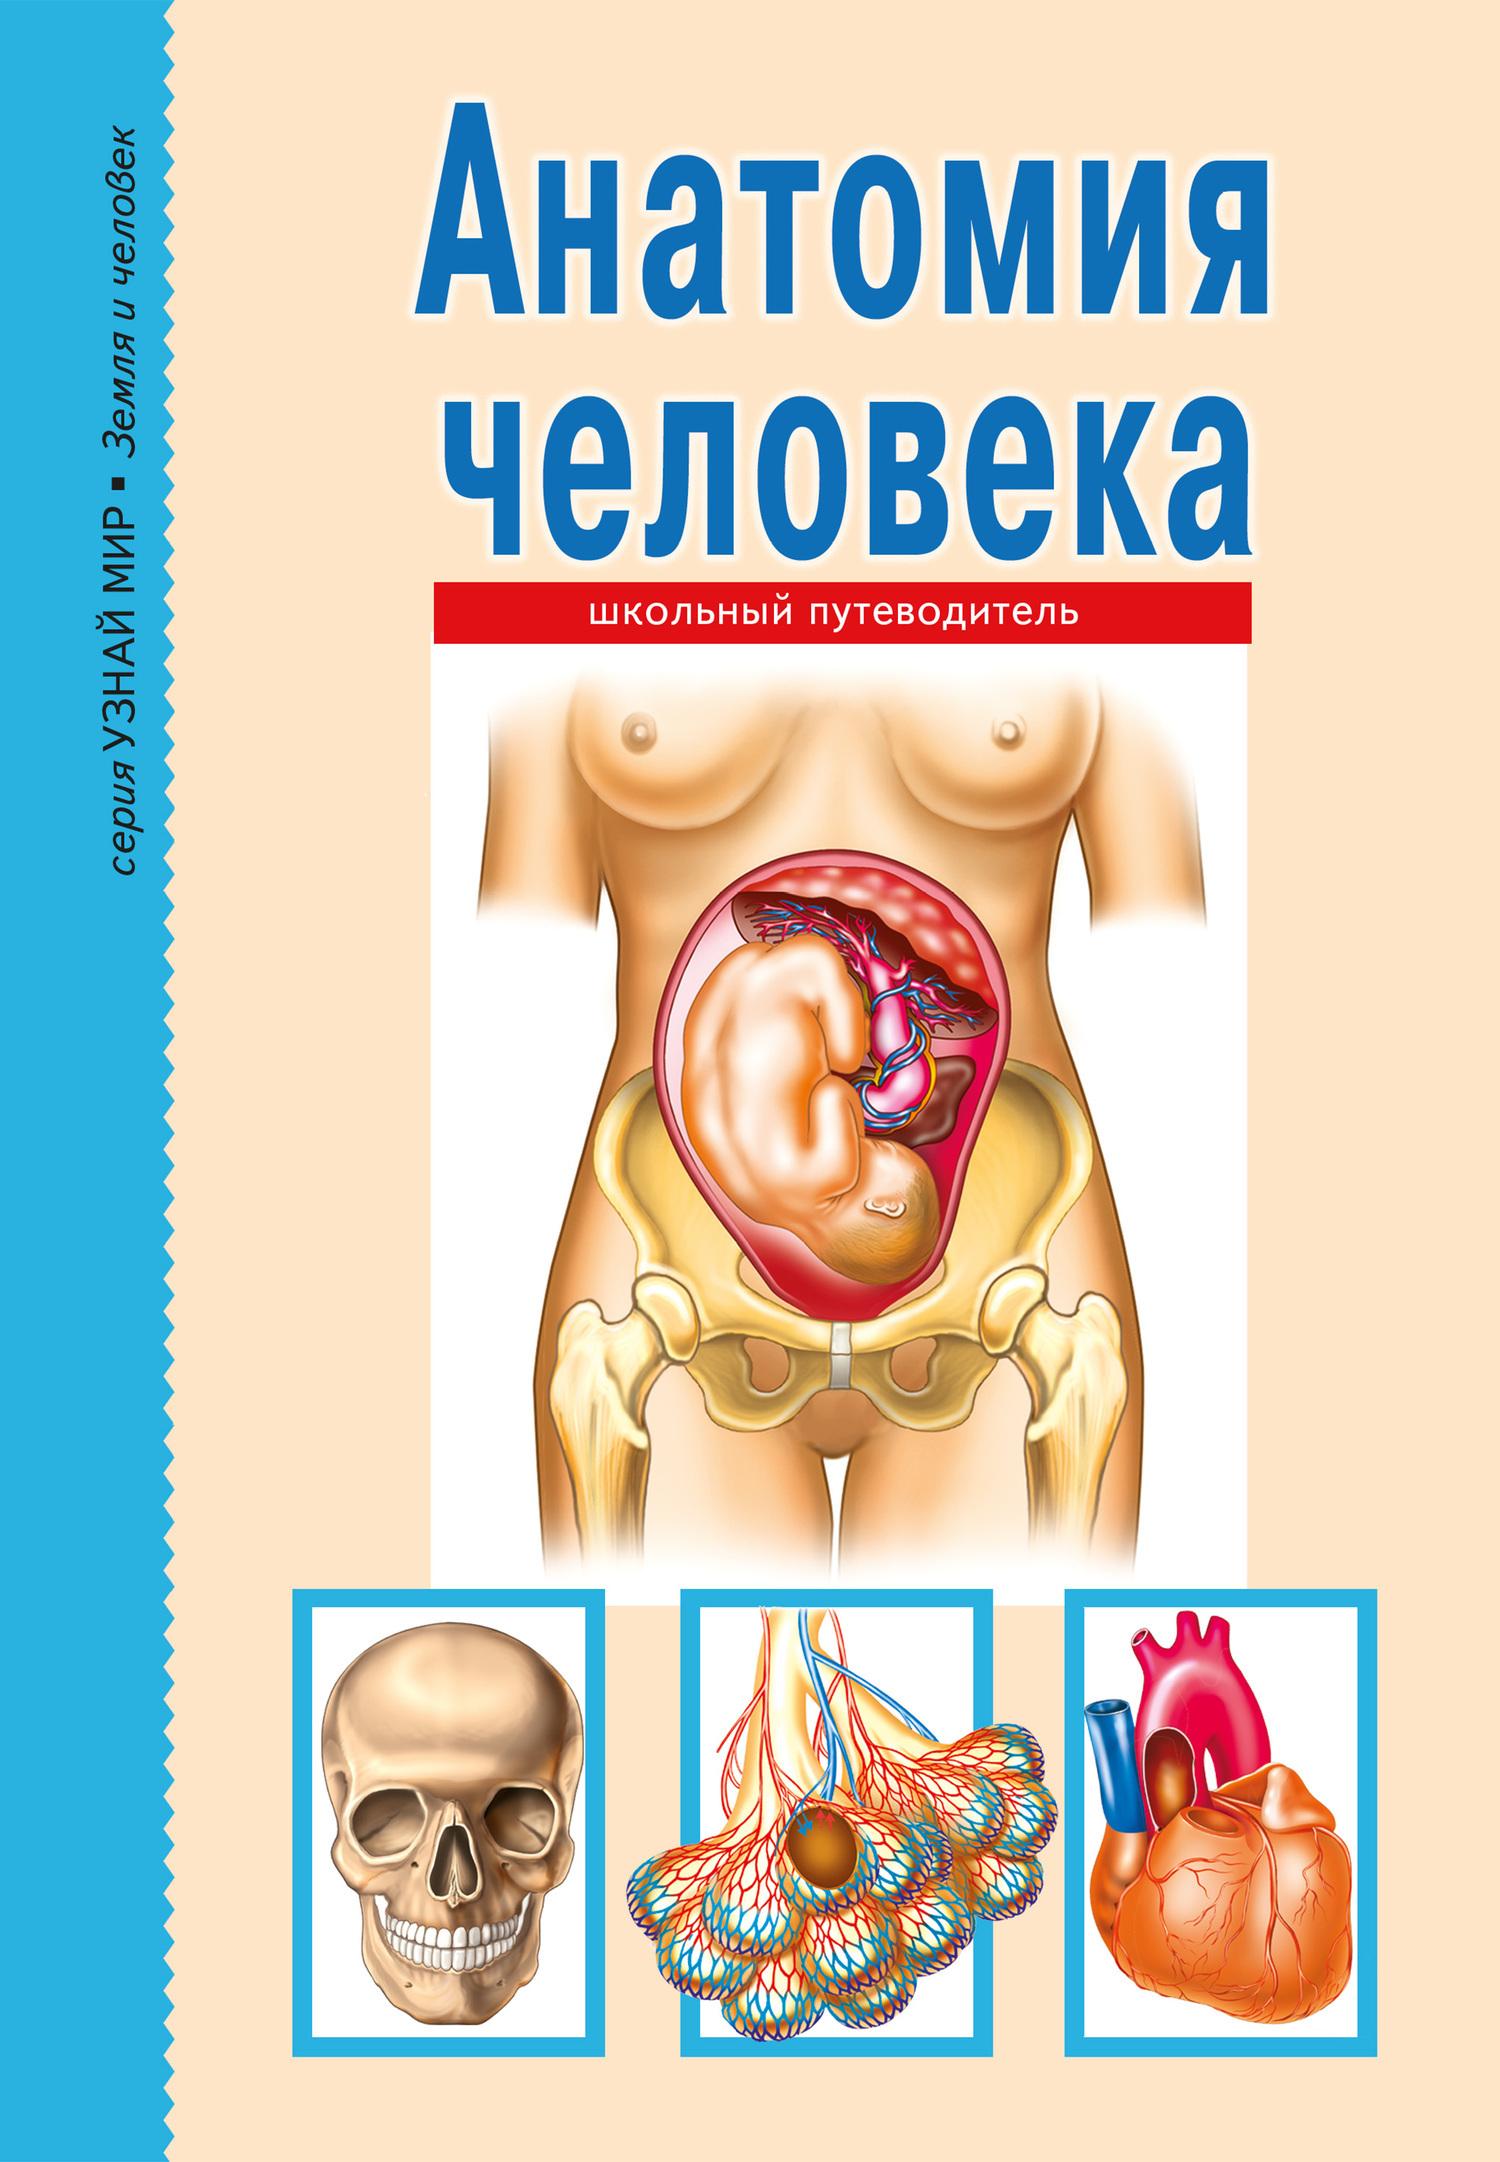 Сергей Афонькин - Анатомия человека